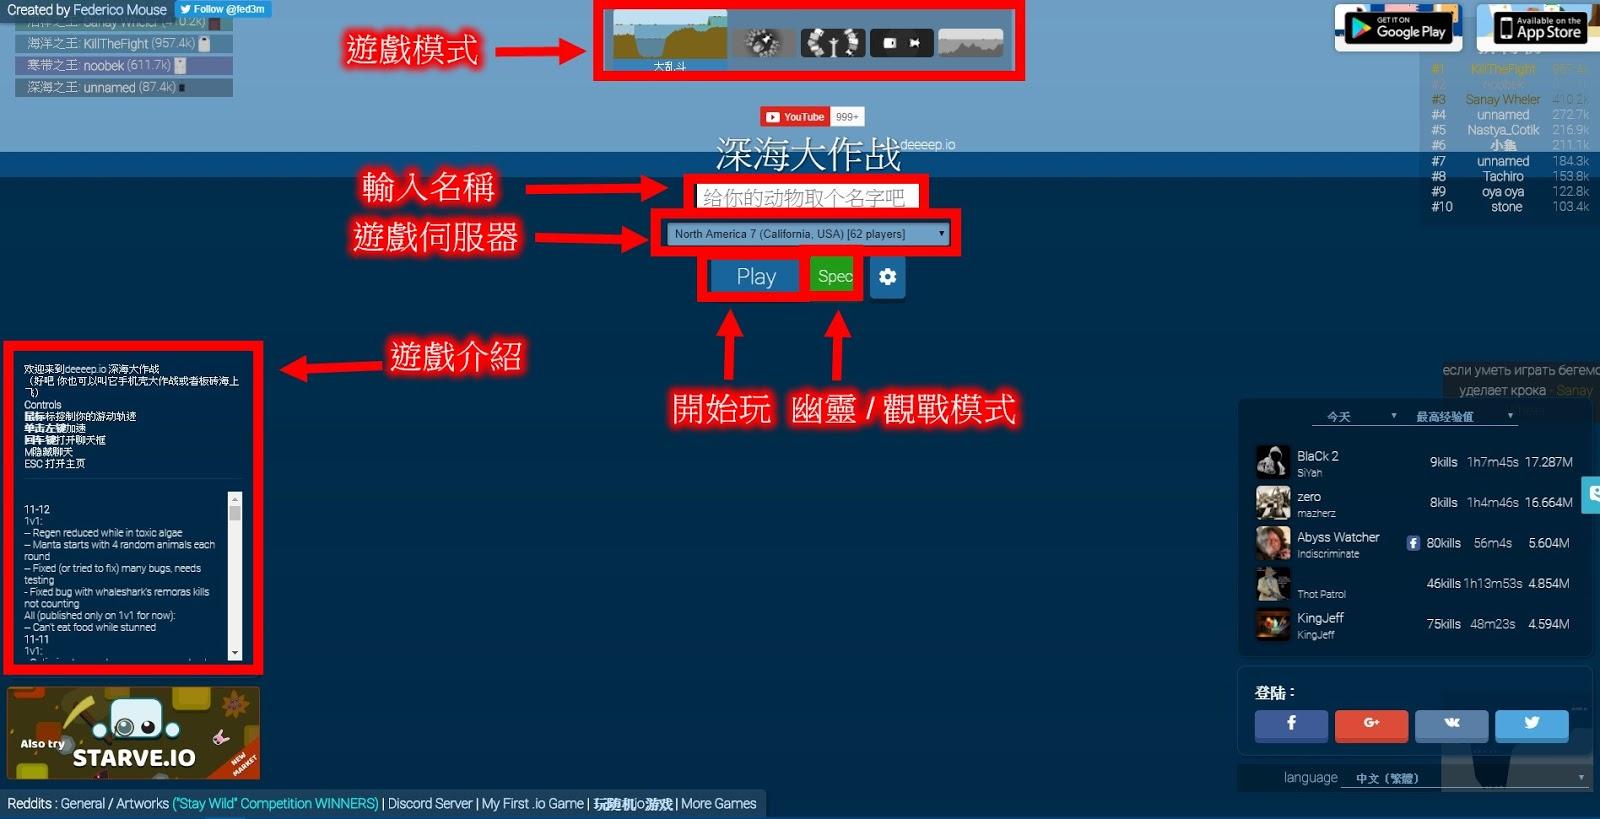 Fun薯瘋: 【Deeeep.io】深海大作戰!Eat Fish 進化大作戰!